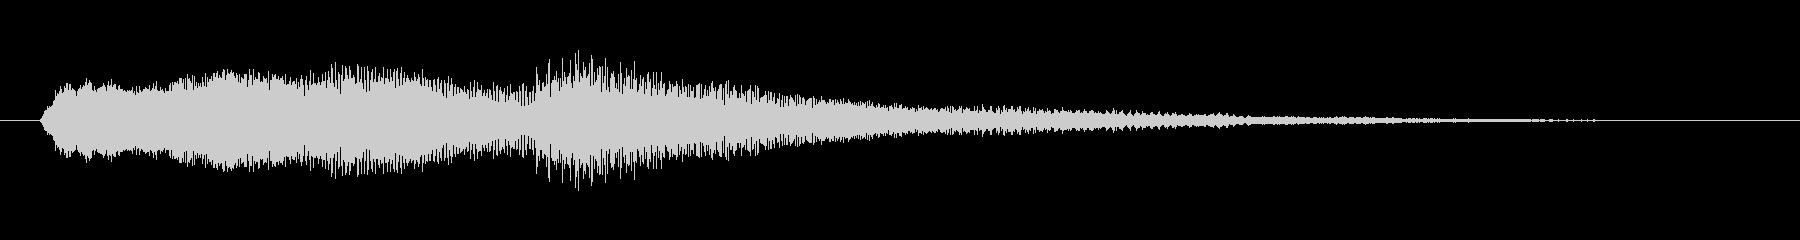 ミステリー&ホラー・発見・導入音2の未再生の波形